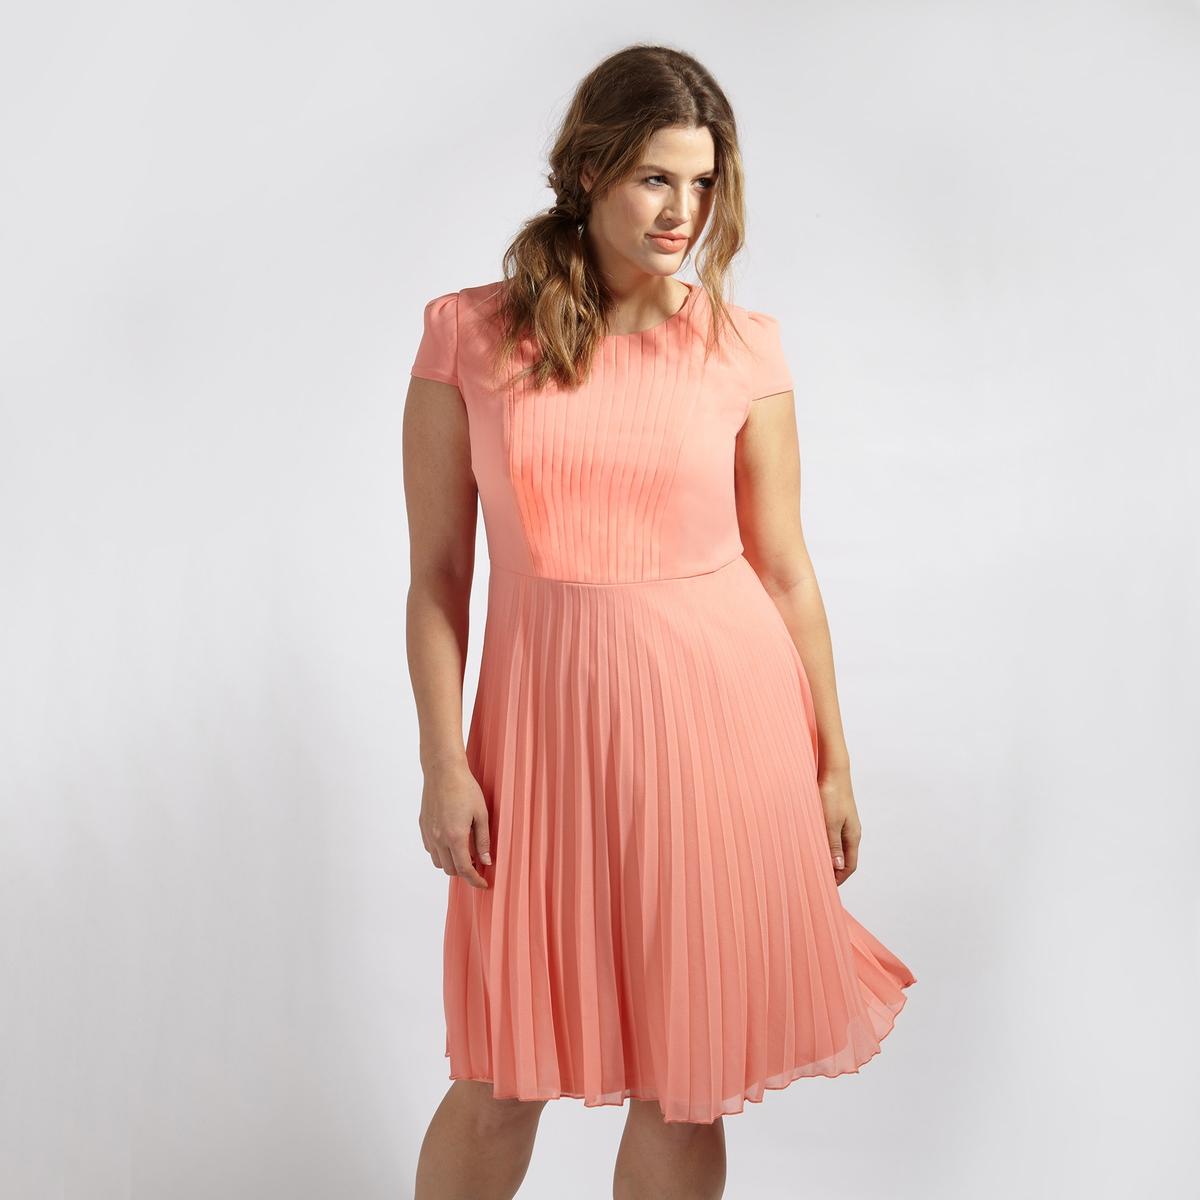 ПлатьеПлатье с короткими рукавами LOVEDROBE. Юбка с эффектом плиссе. Застежка на молнию сзади. Круглый вырез. 100% полиэстер<br><br>Цвет: коралловый<br>Размер: 46 (FR) - 52 (RUS).54/56 (FR) - 60/62 (RUS)